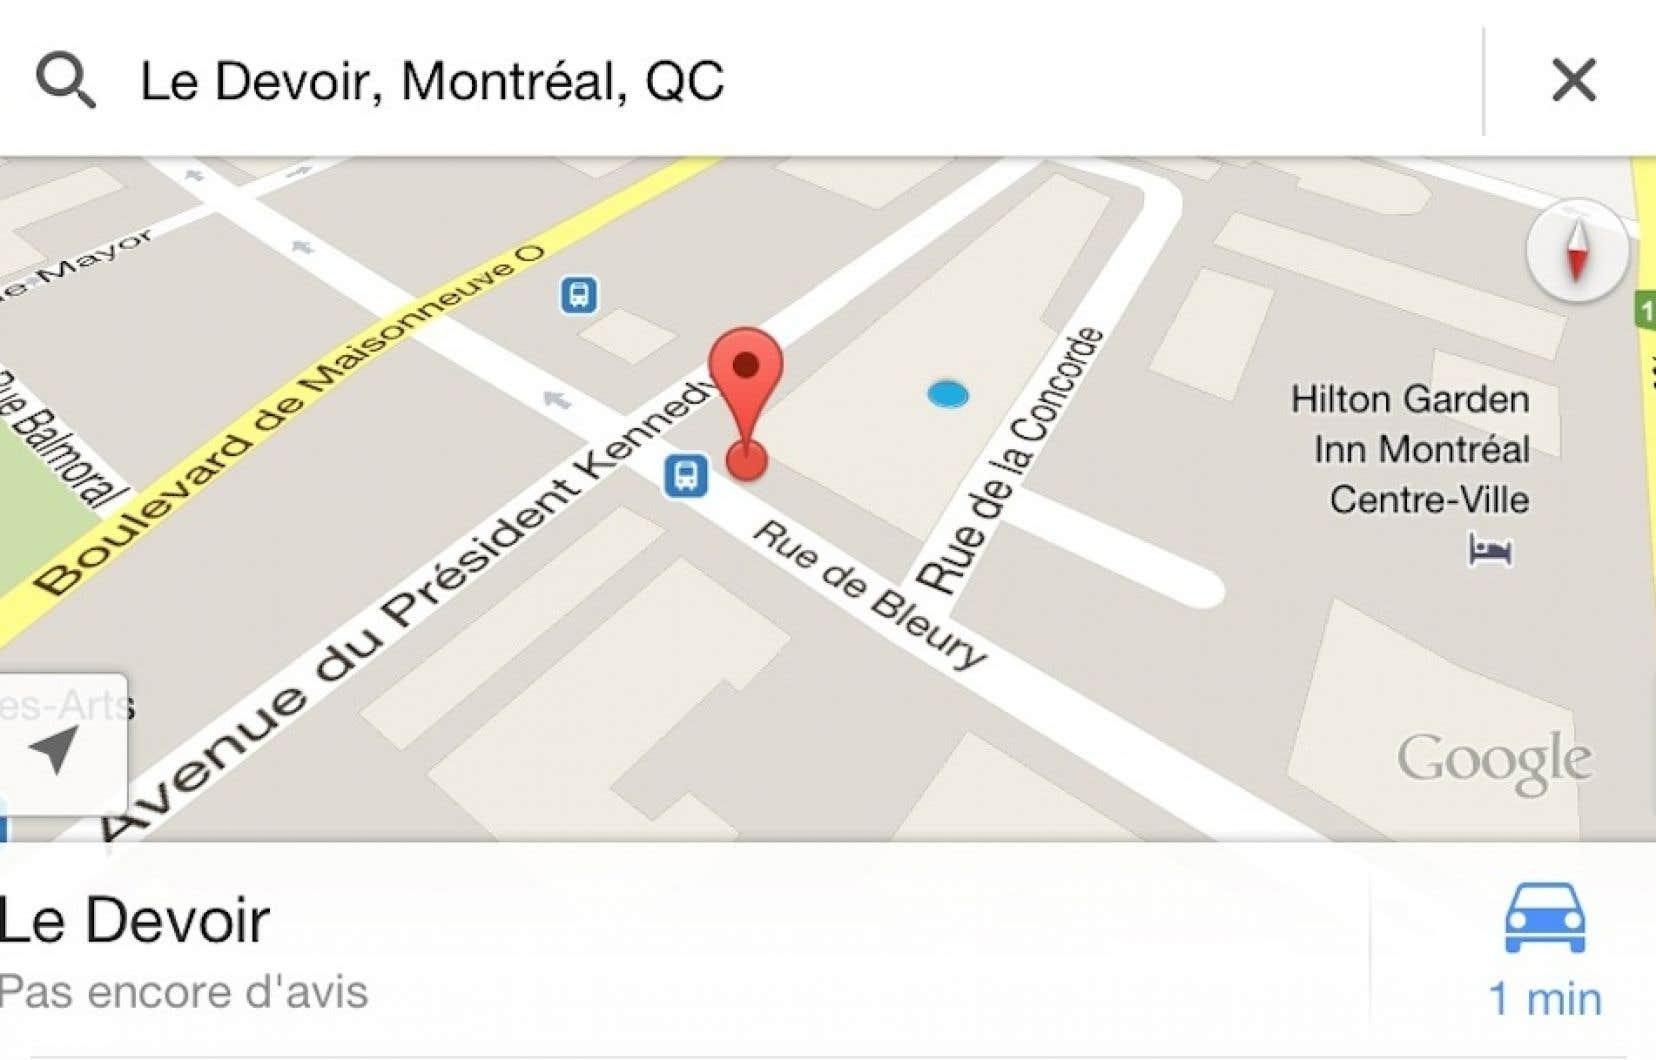 Le Devoir, tel que vu sur l'application Google Maps.<br />